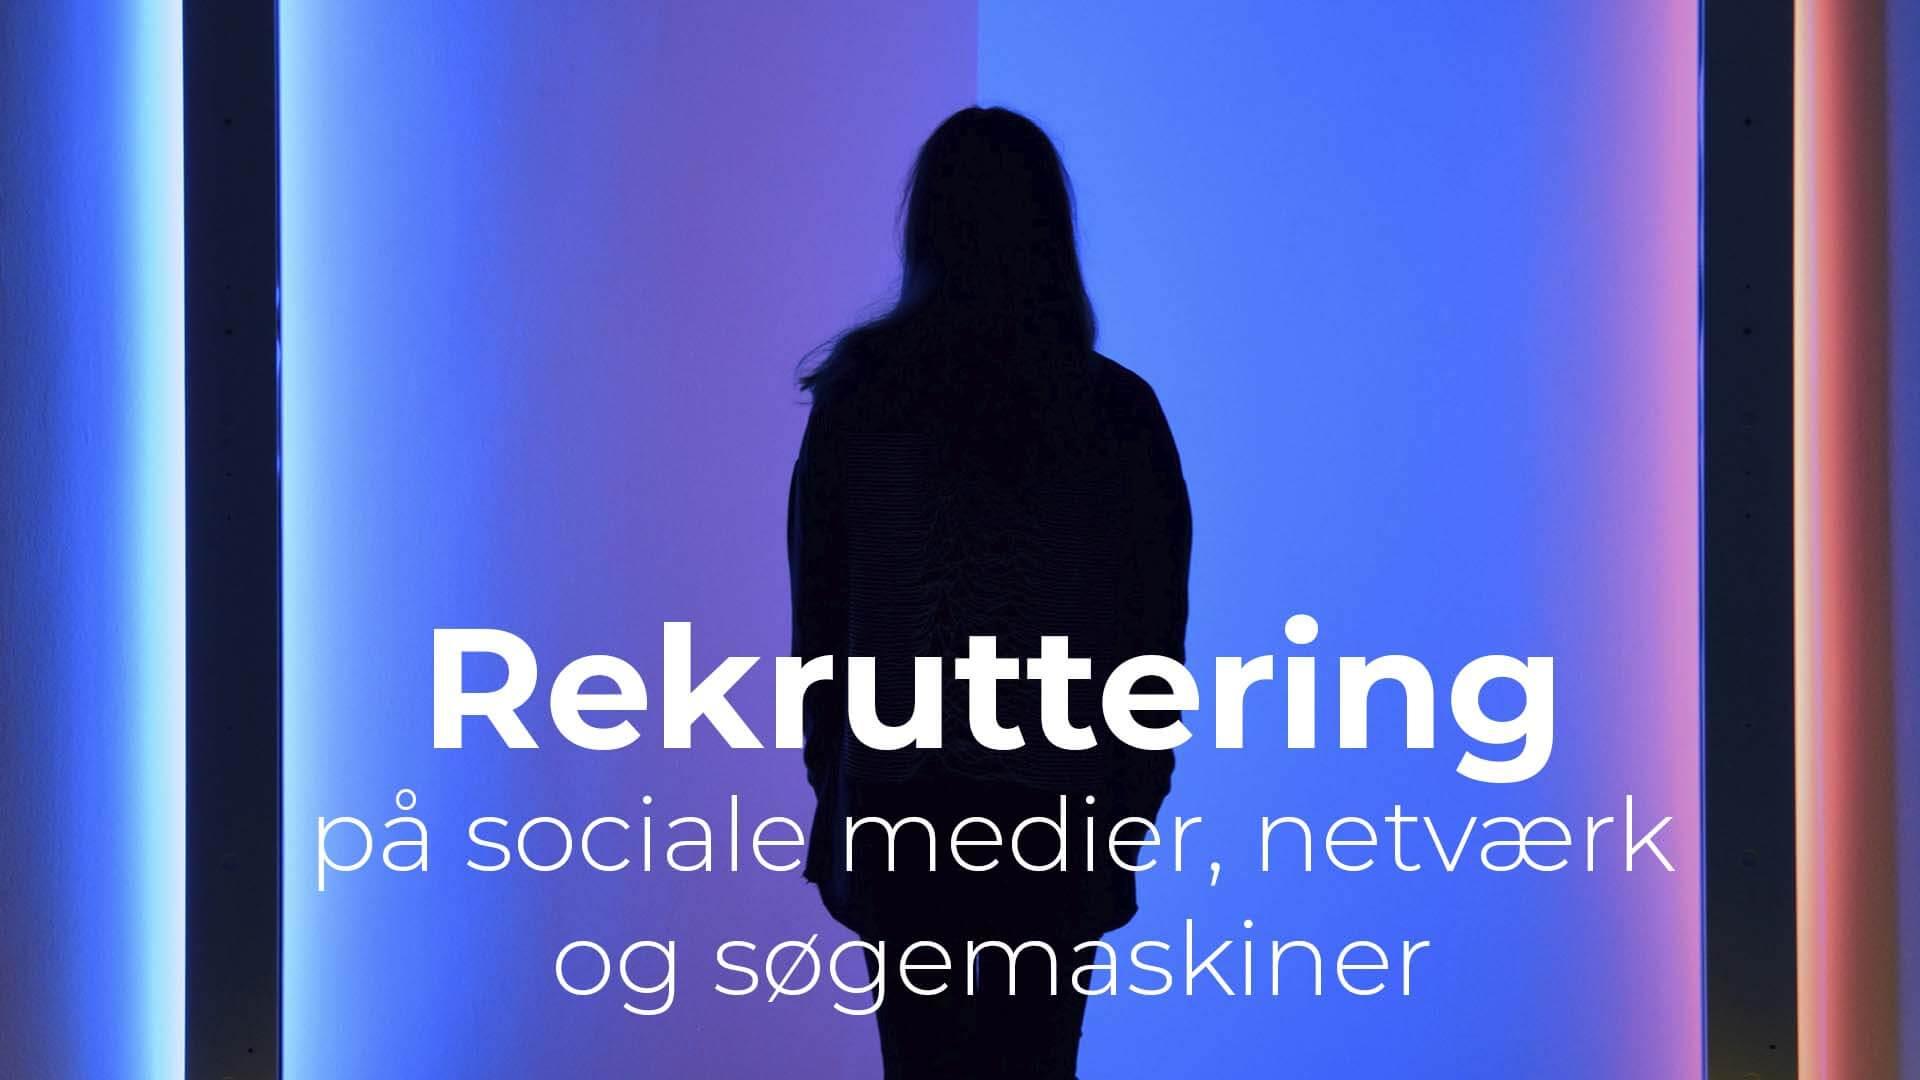 Rekruttering på sociale medier, netværk og søgemaskiner